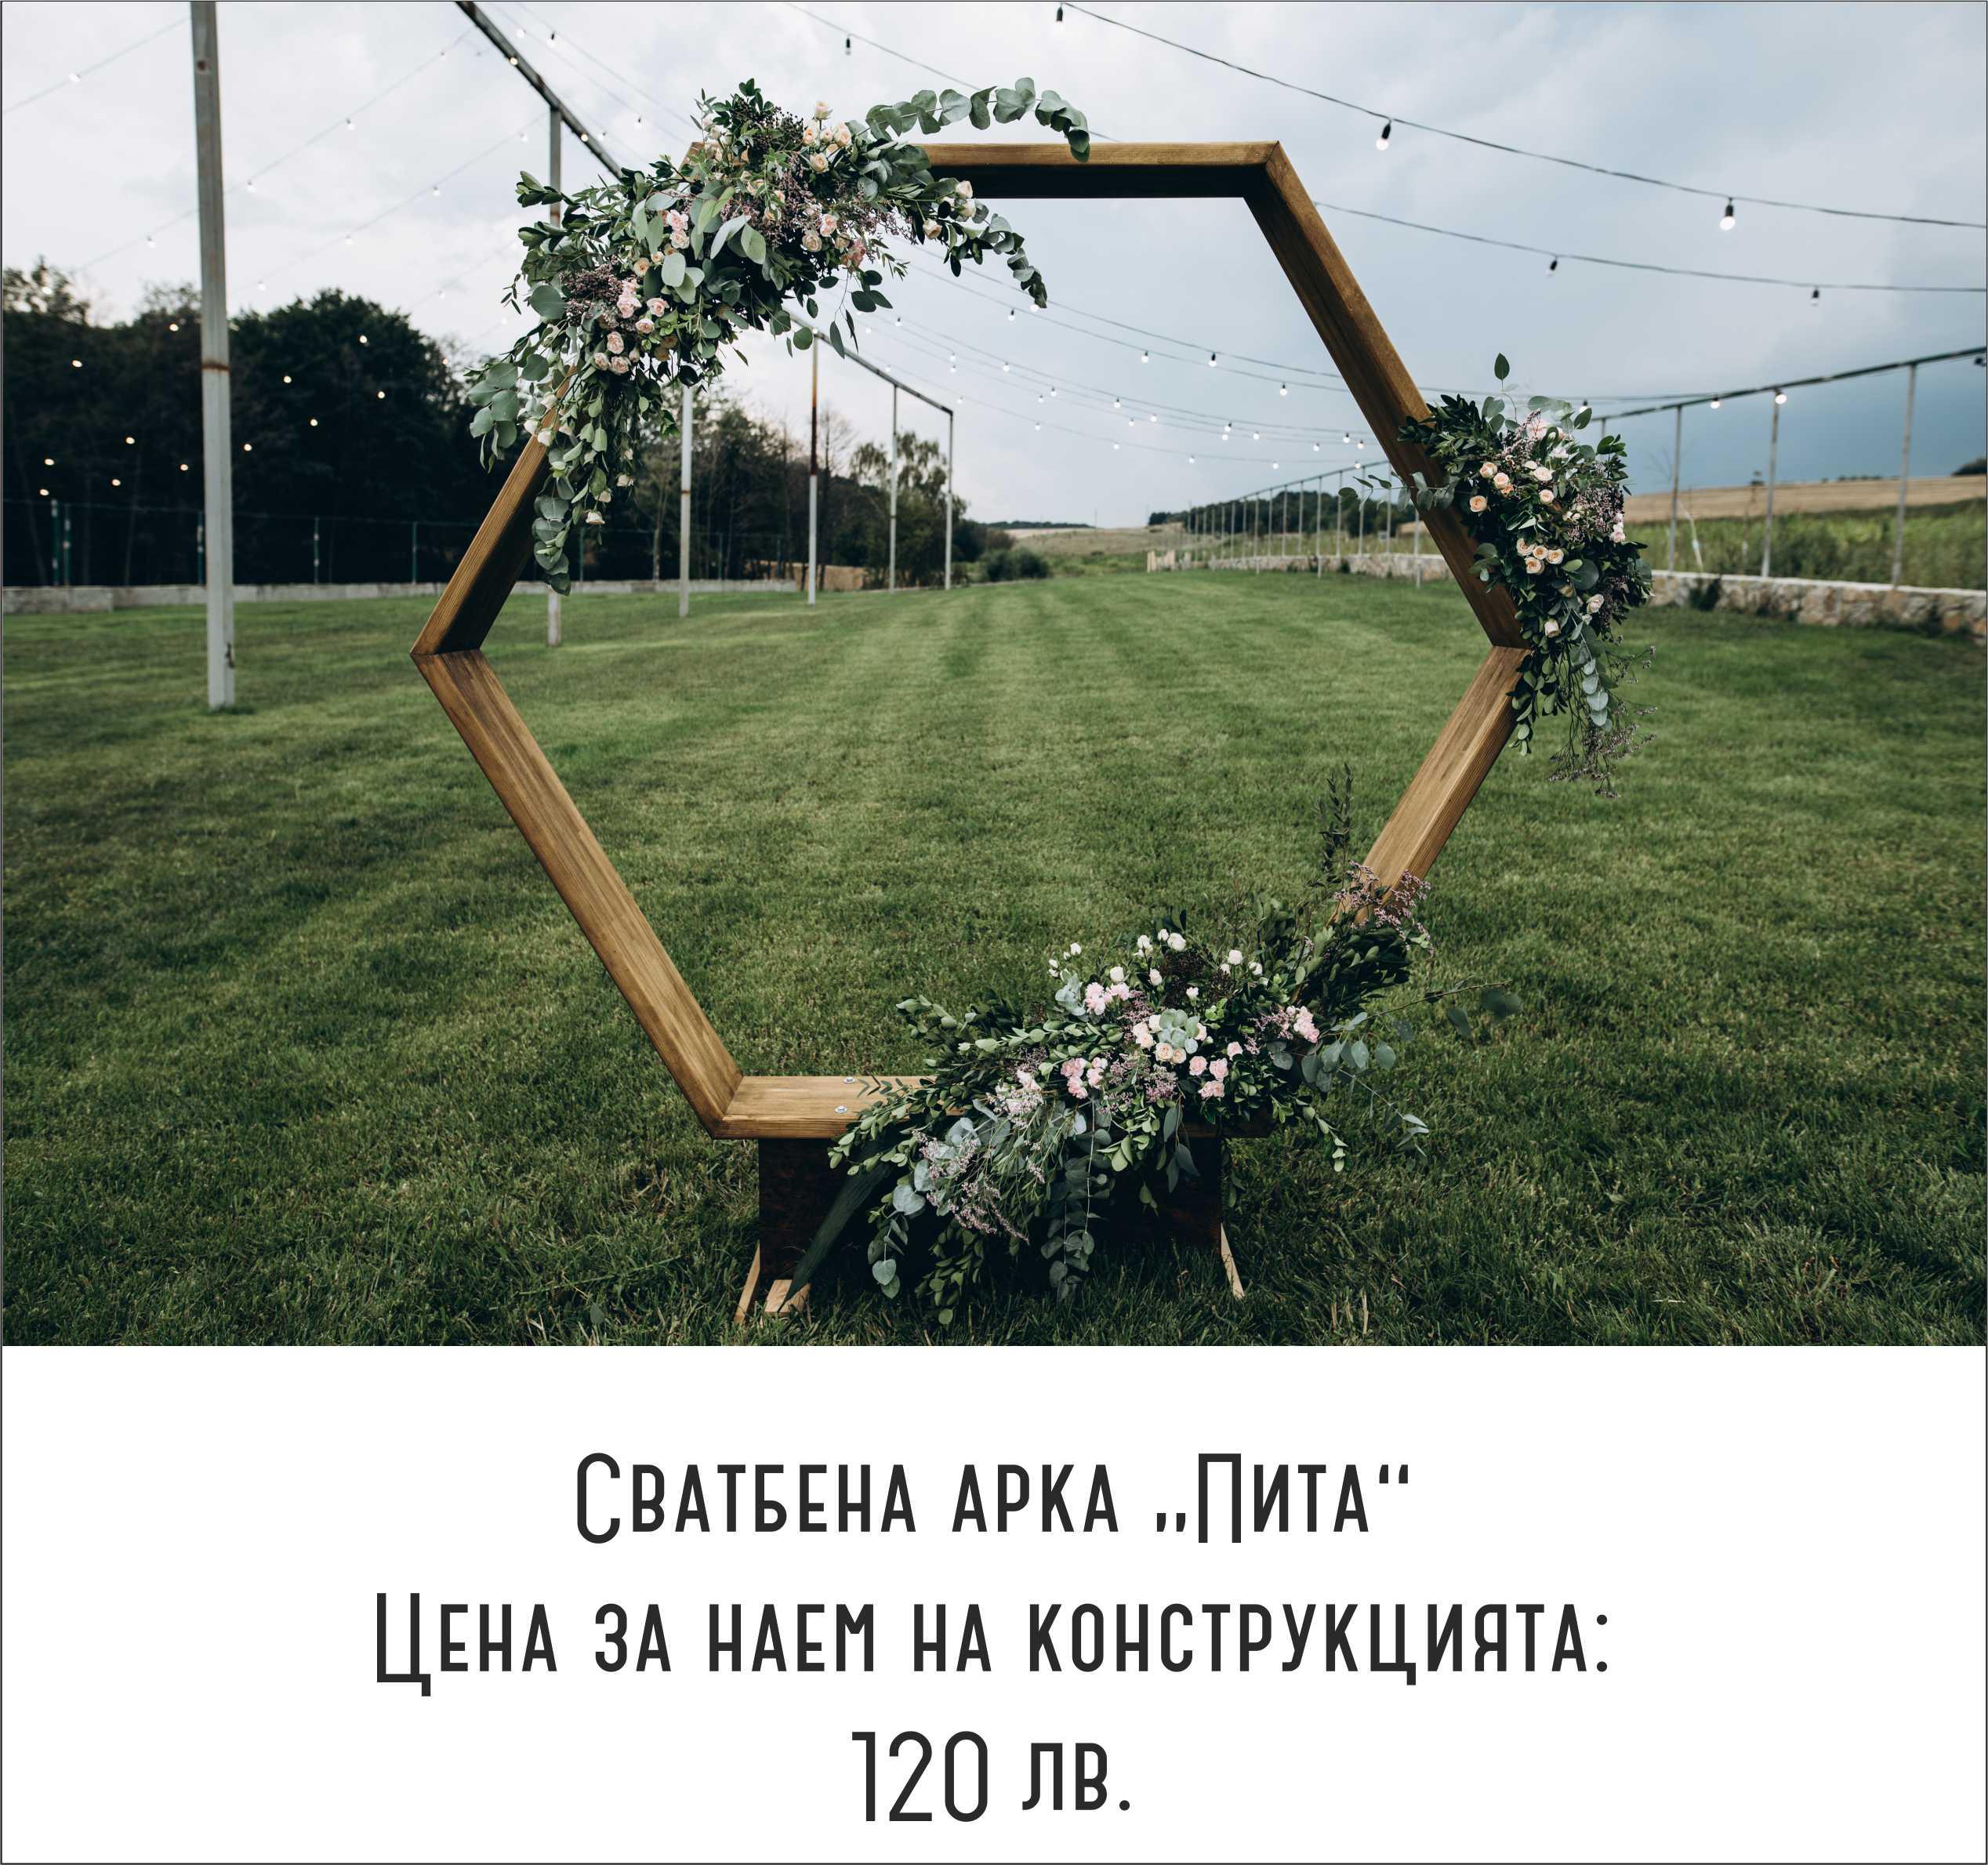 Сватбена арка Пита. Цена за наем на конструкцията: 120 лв.